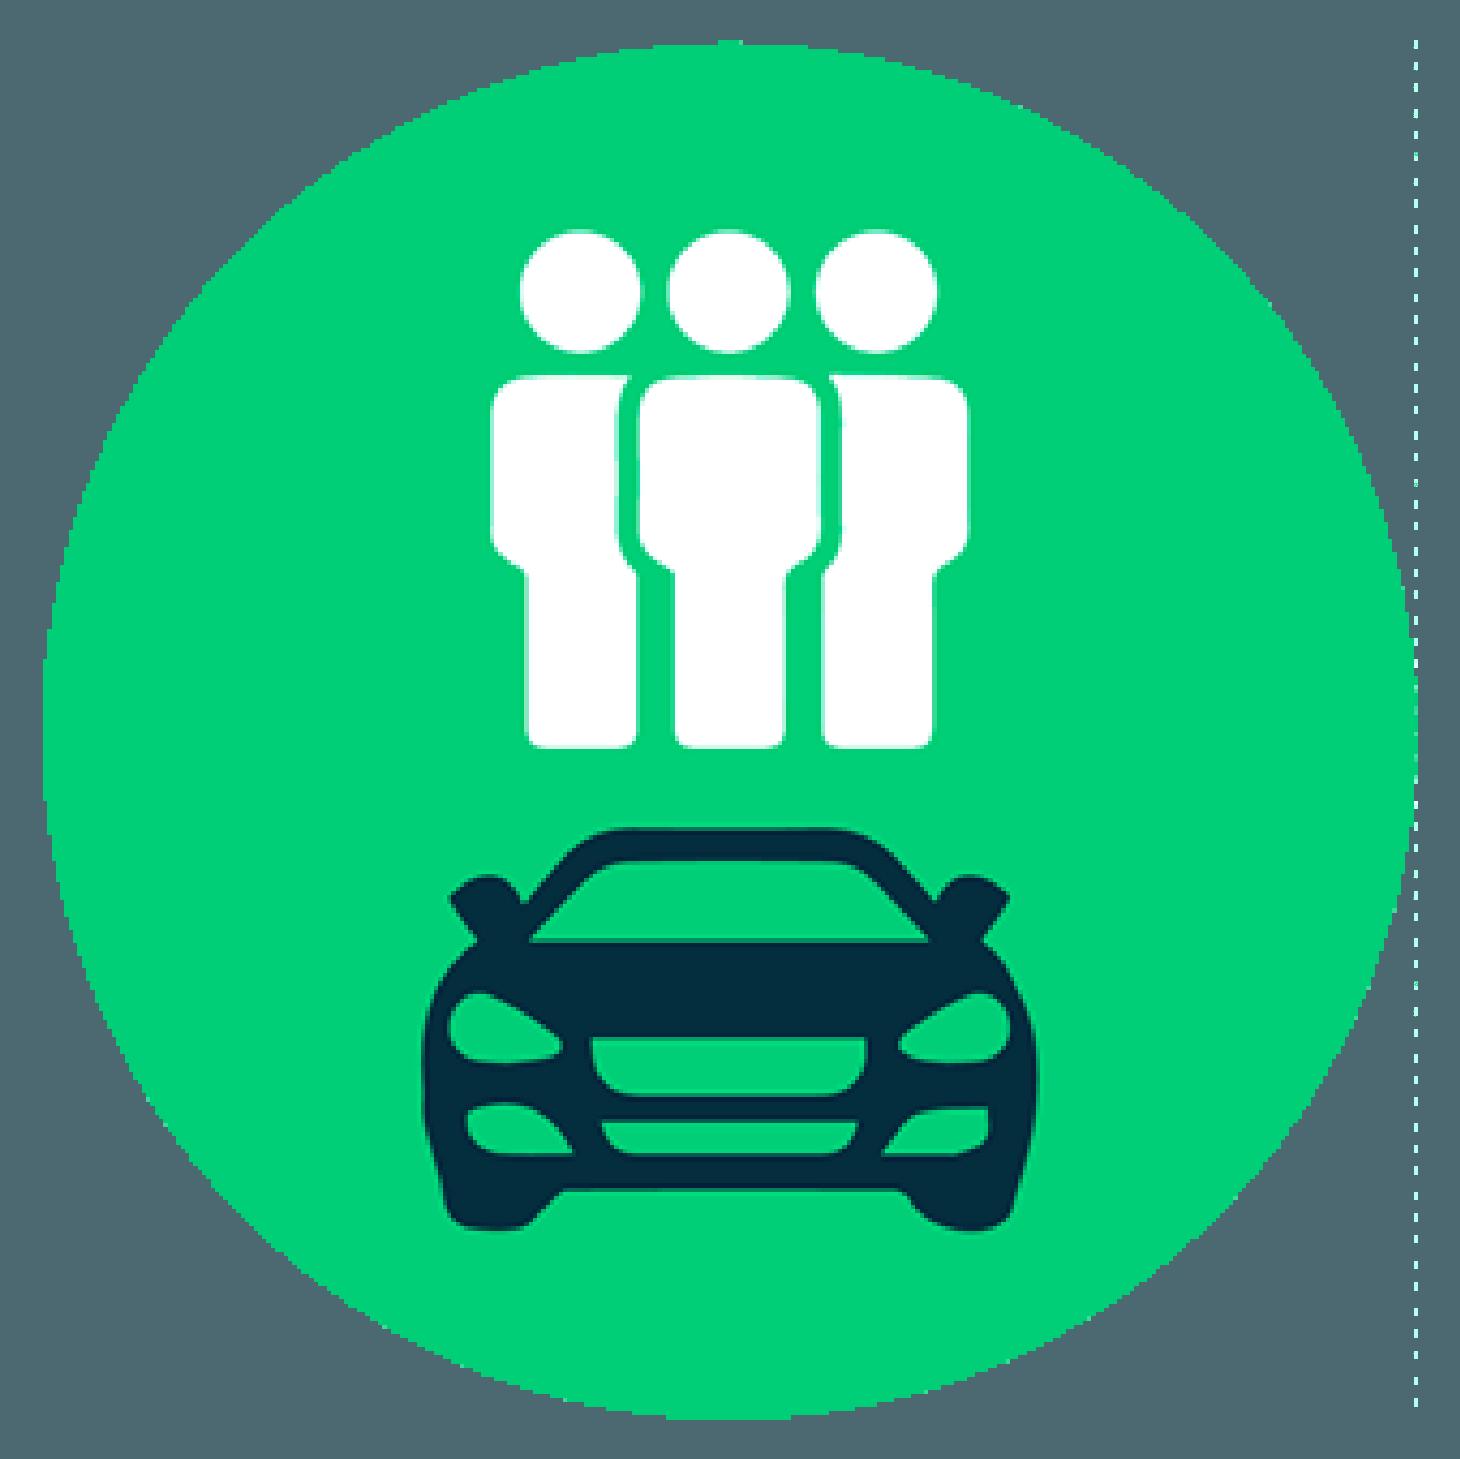 Icono verde con carro y personas